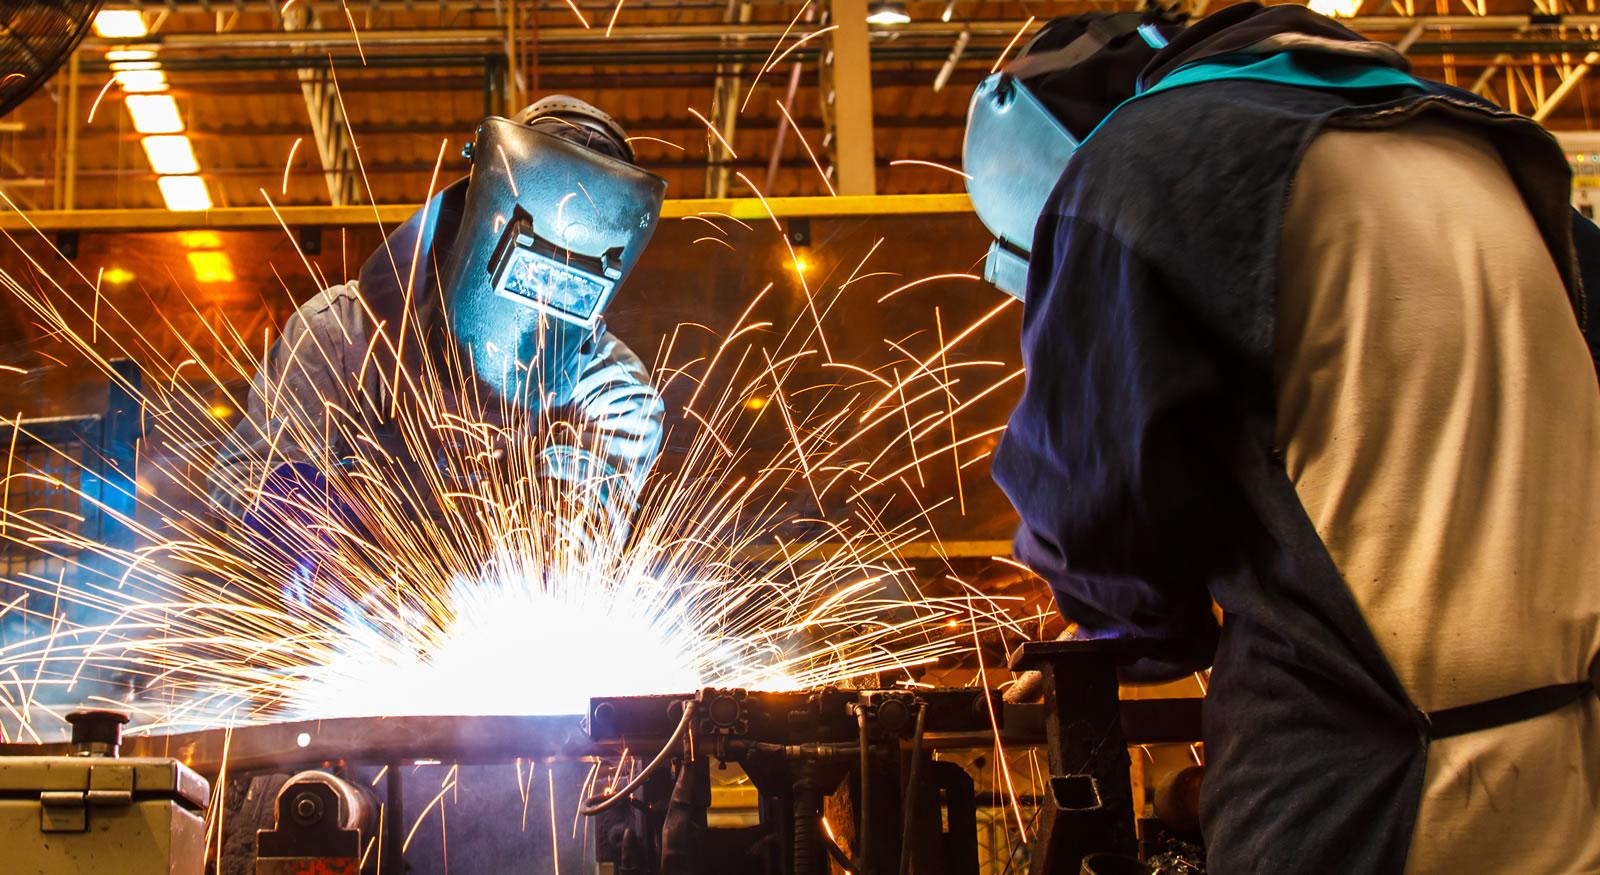 Metal Fabrication, Laser Cutting, Welding, Tube Bending, CNC